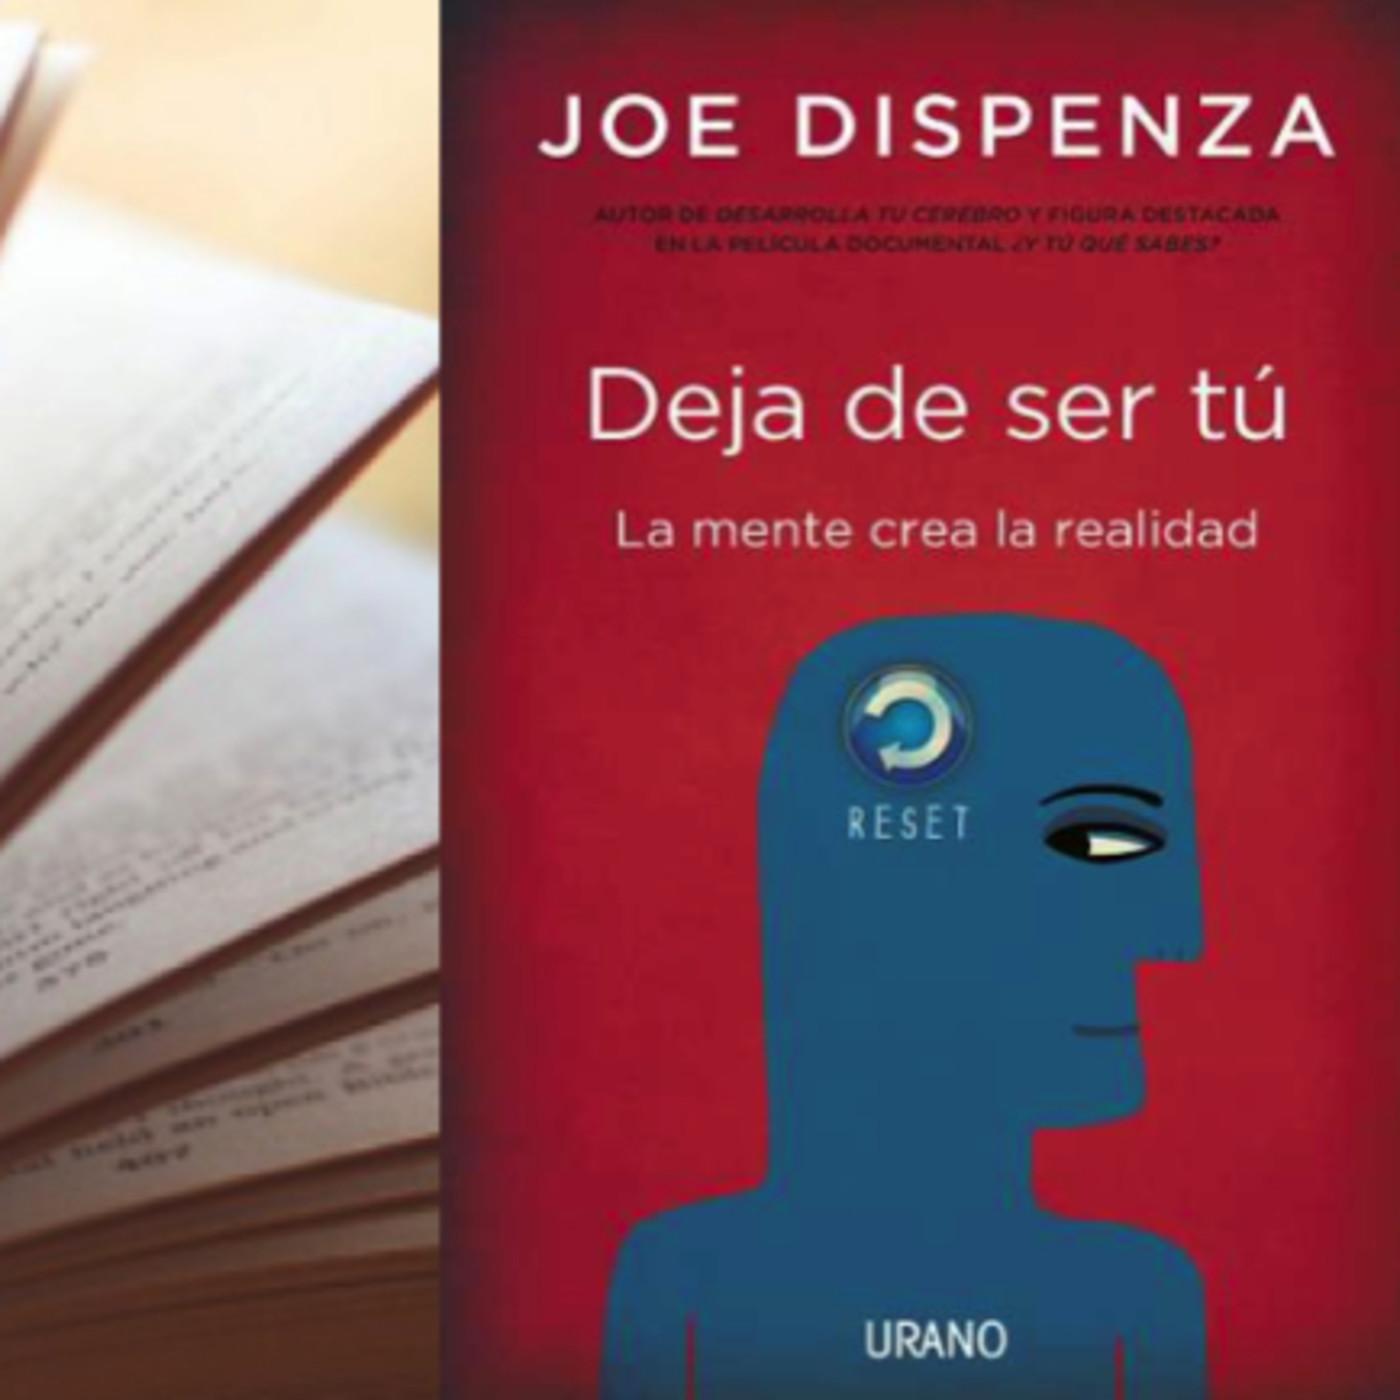 Joe Dispenza